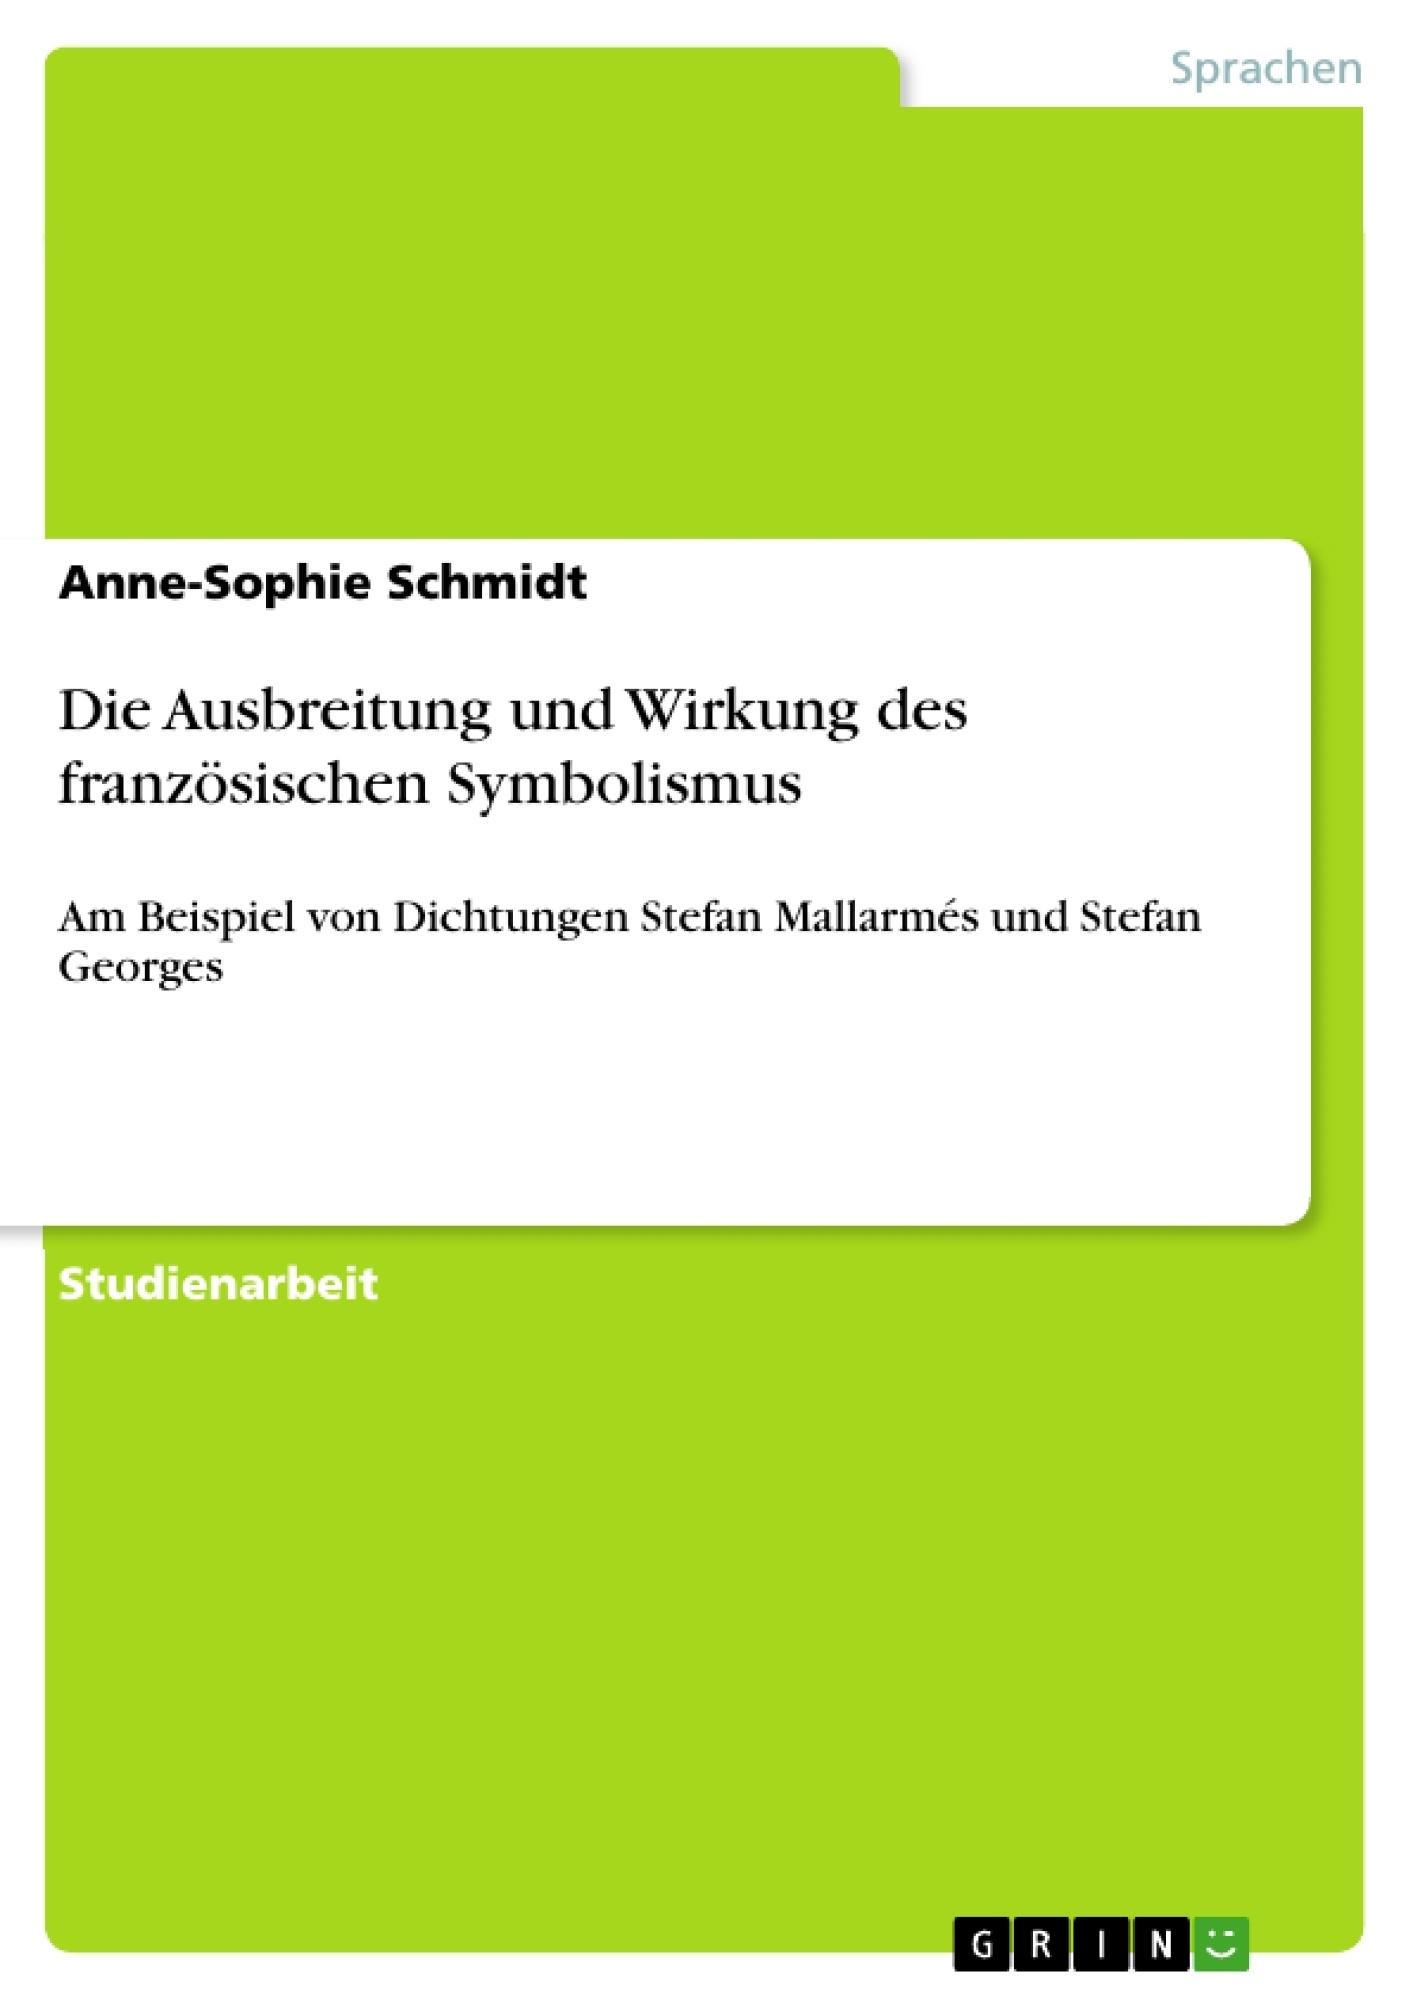 Titel: Die Ausbreitung und Wirkung des französischen Symbolismus